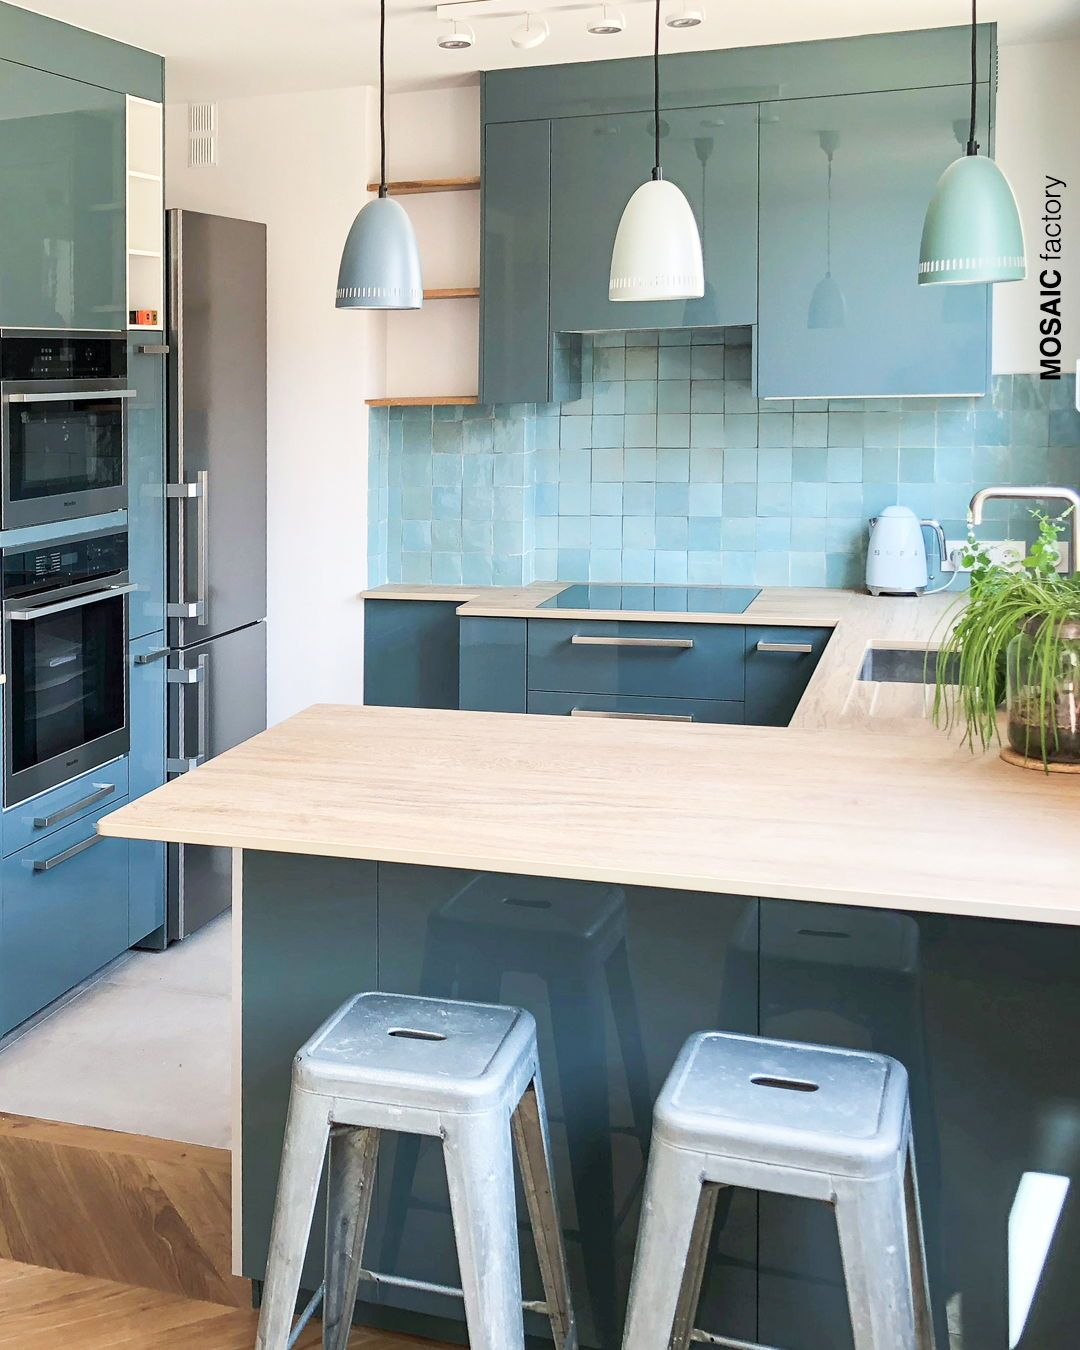 Cocina Moderna Con Azulejos Turquesa Y Muebles Petroleo A Juego